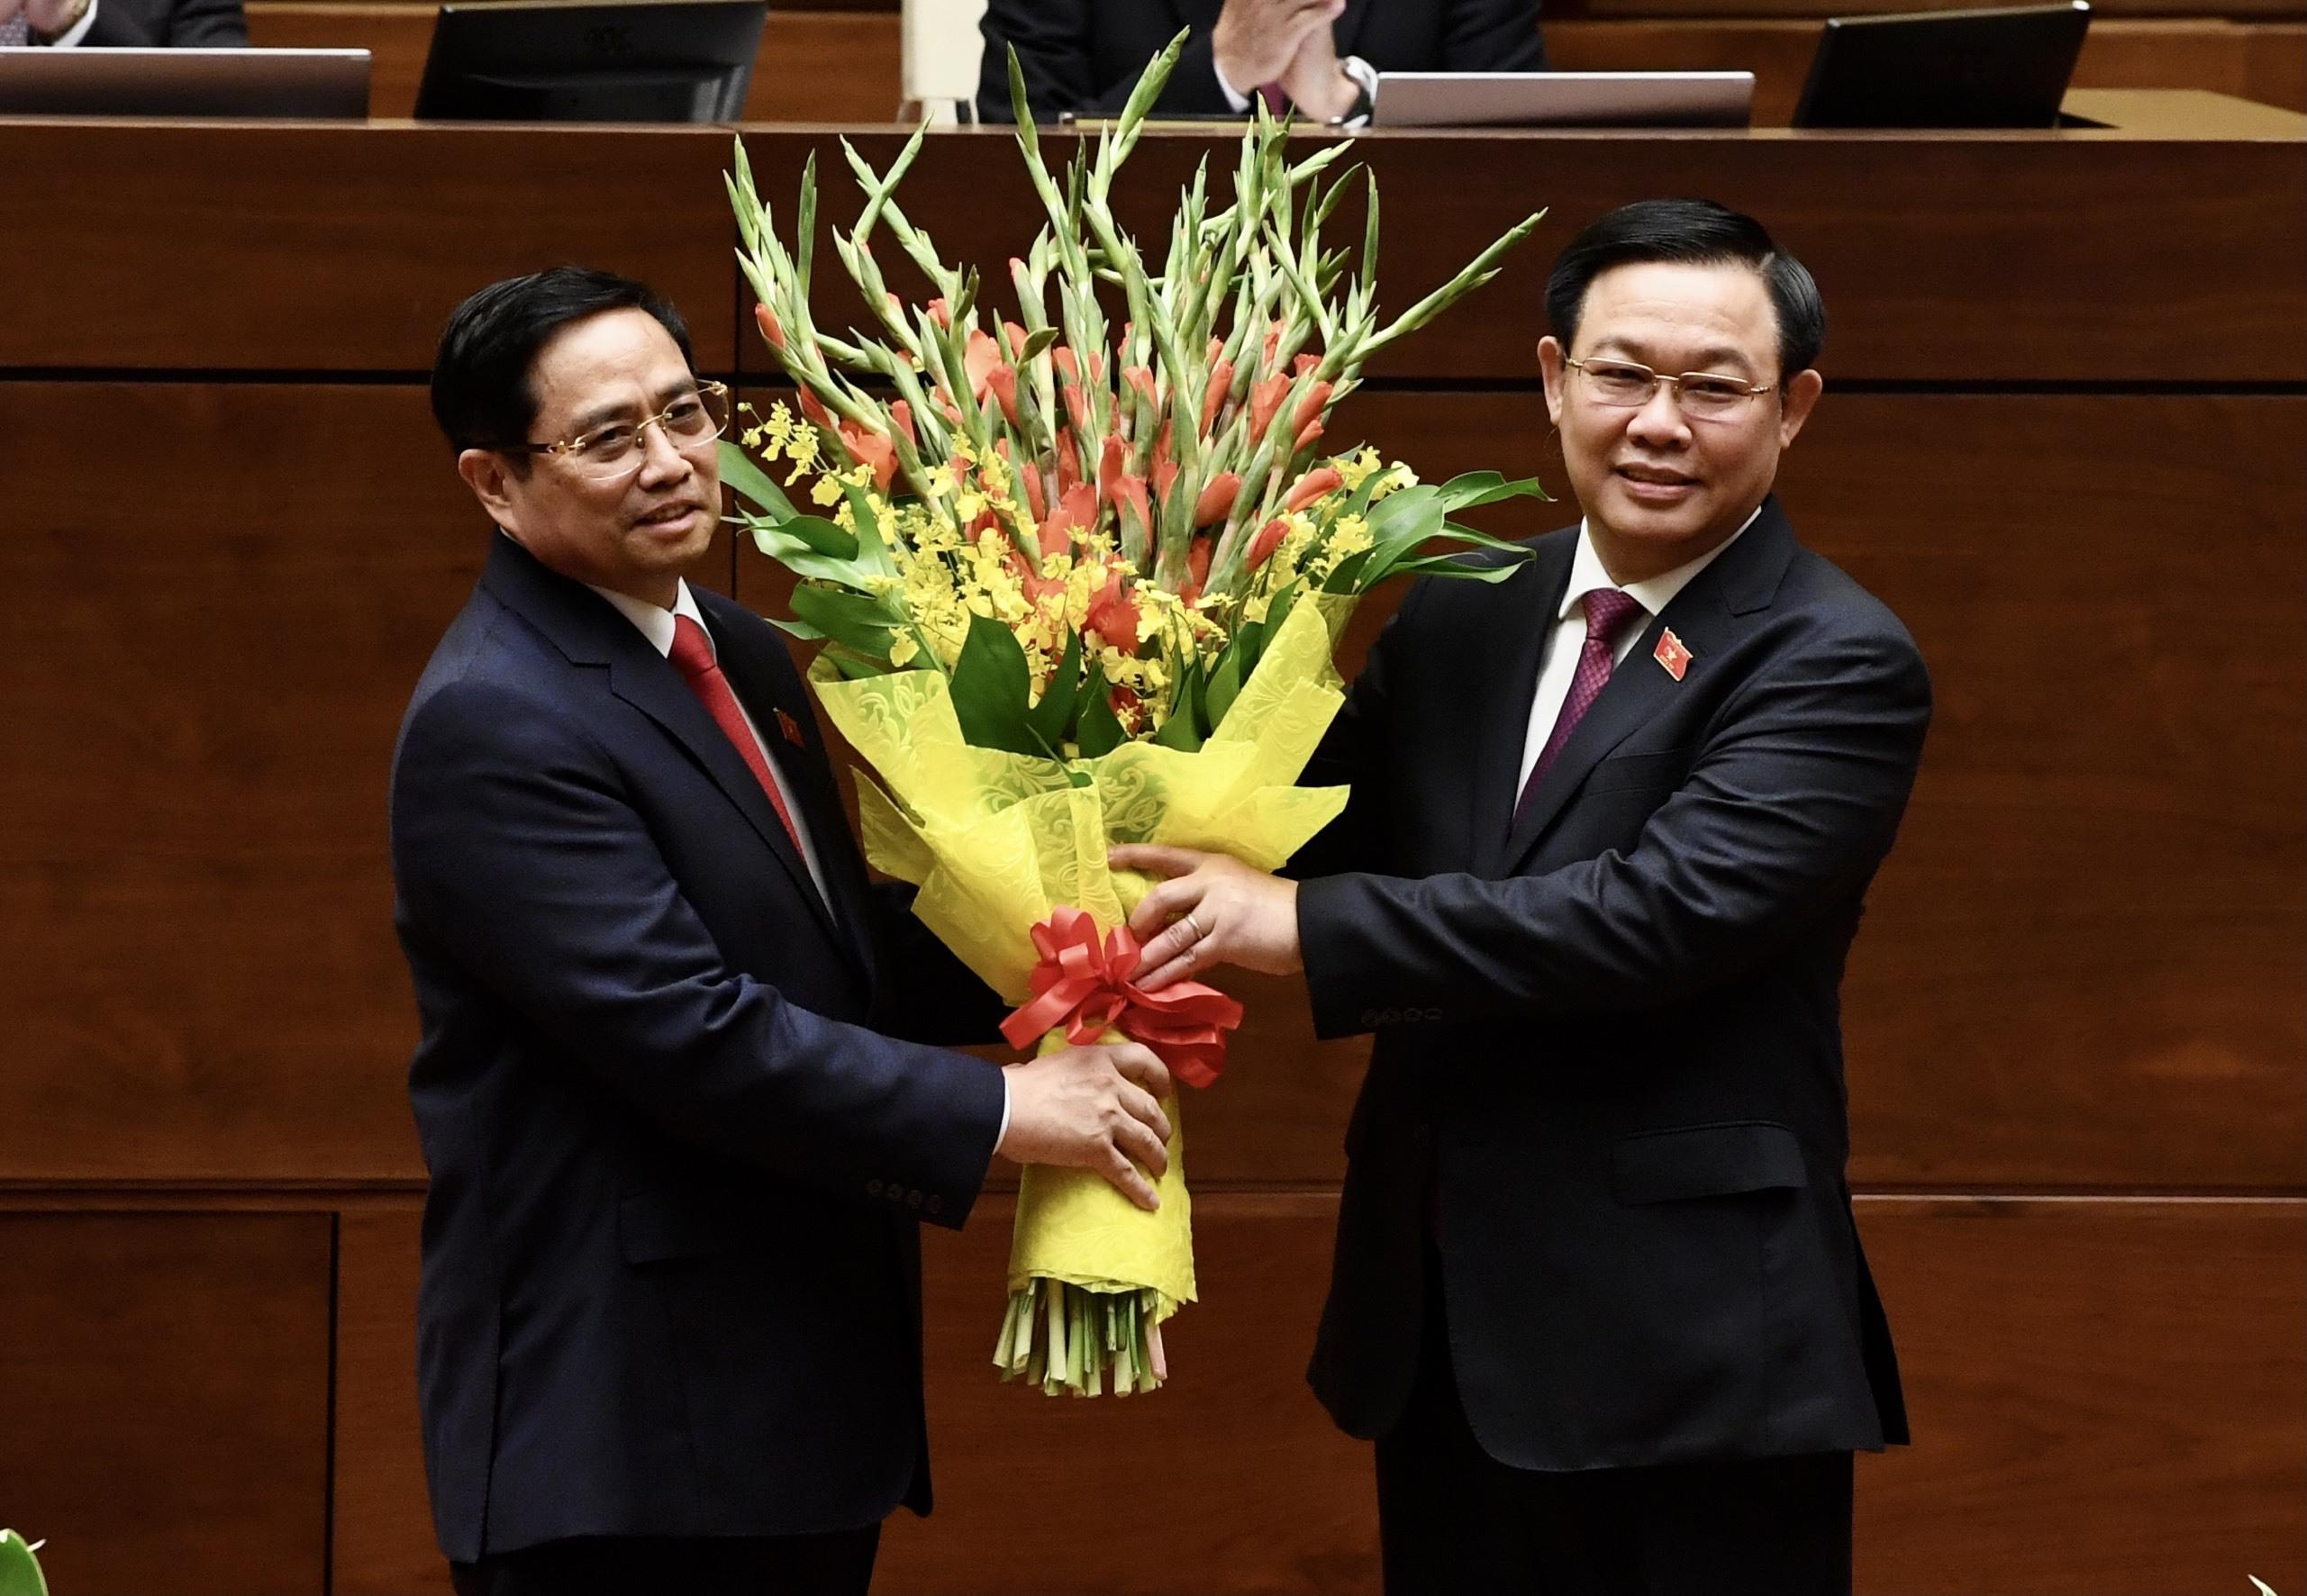 Những ưu tiên hành động của Thủ tướng Phạm Minh Chính ở lần thứ 2 nhậm chức